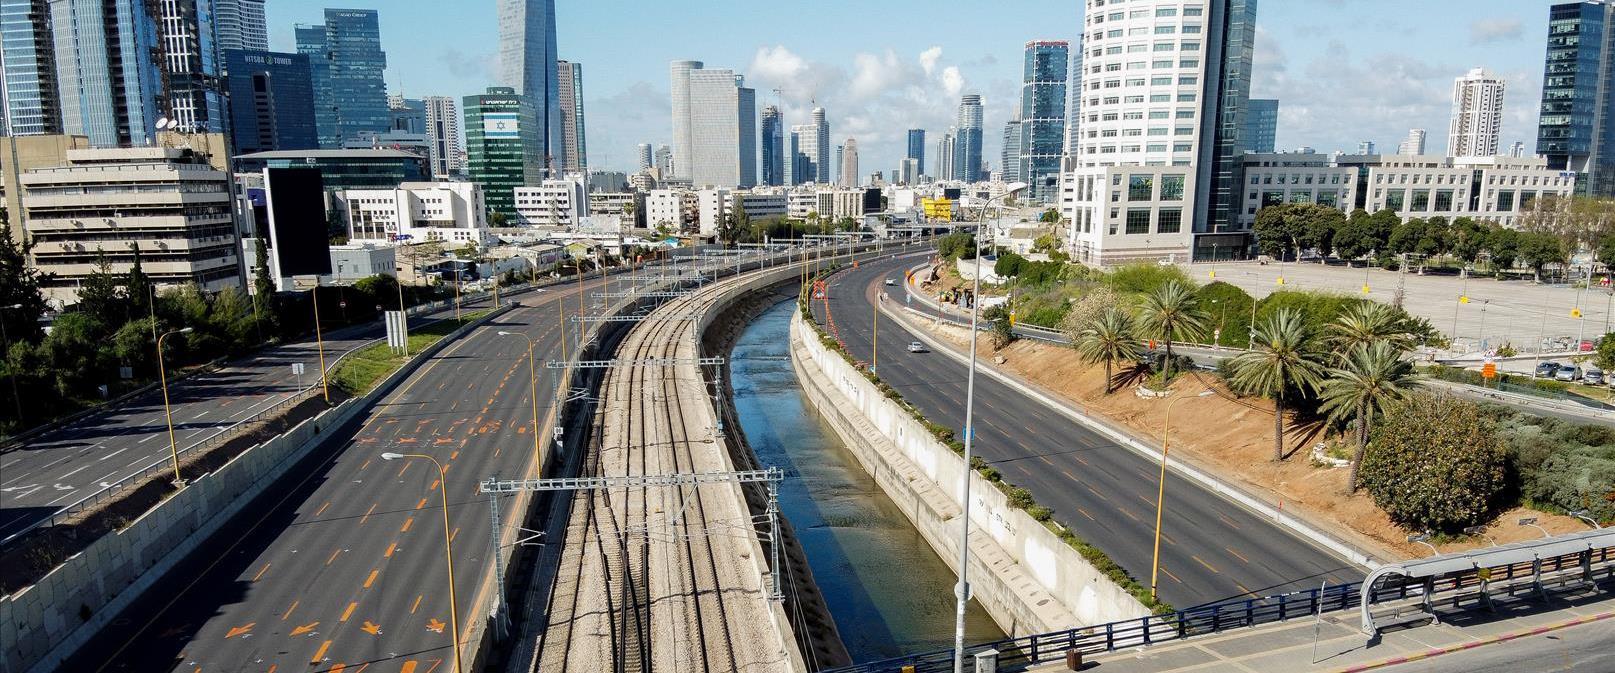 תל אביב יפו עם הטלת הסגר בערב ראש השנה, בשבוע שעבר